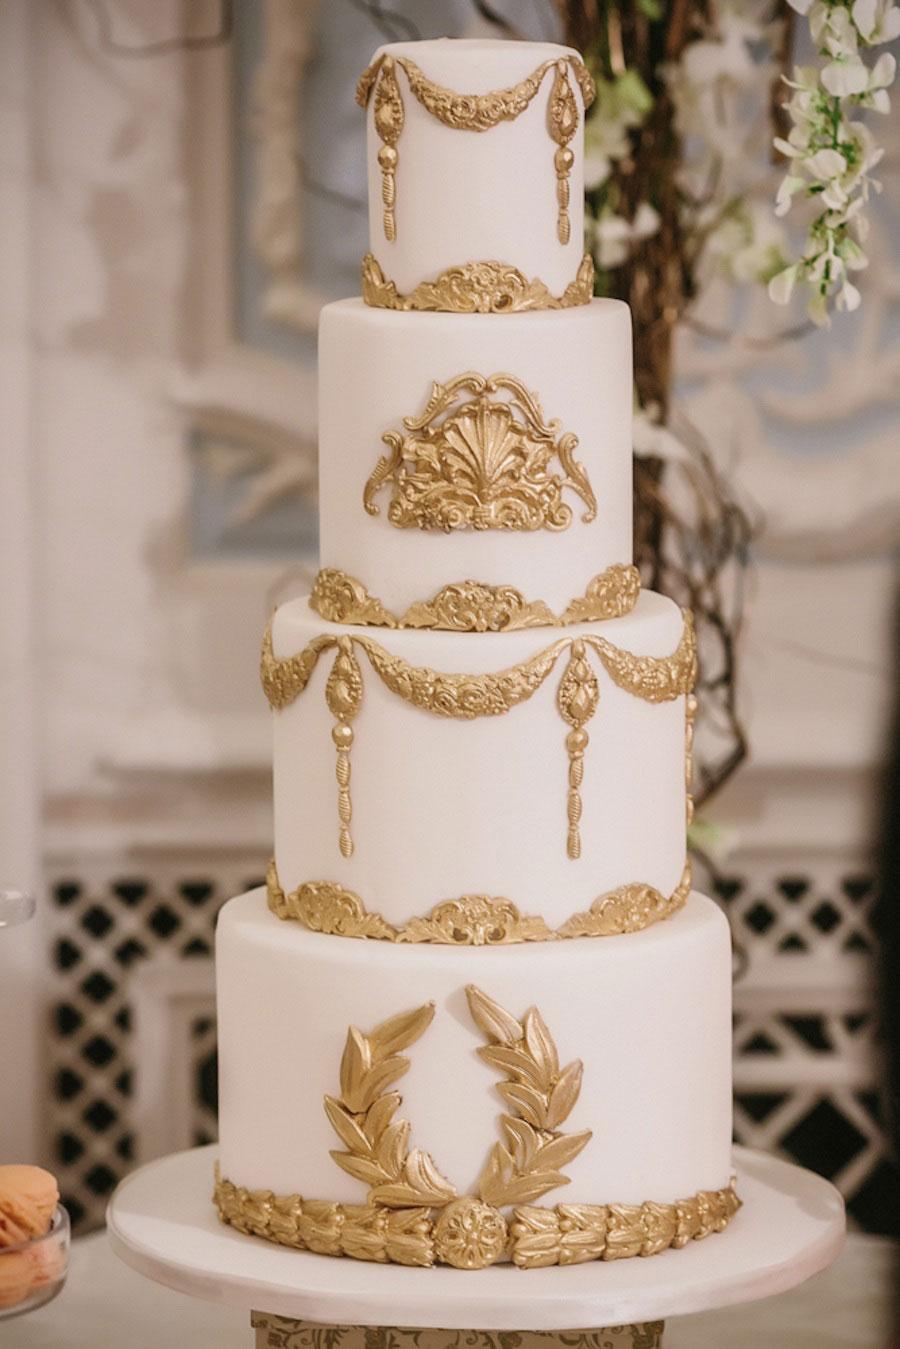 Wedding Cakes Elizabeths Cake Emporium